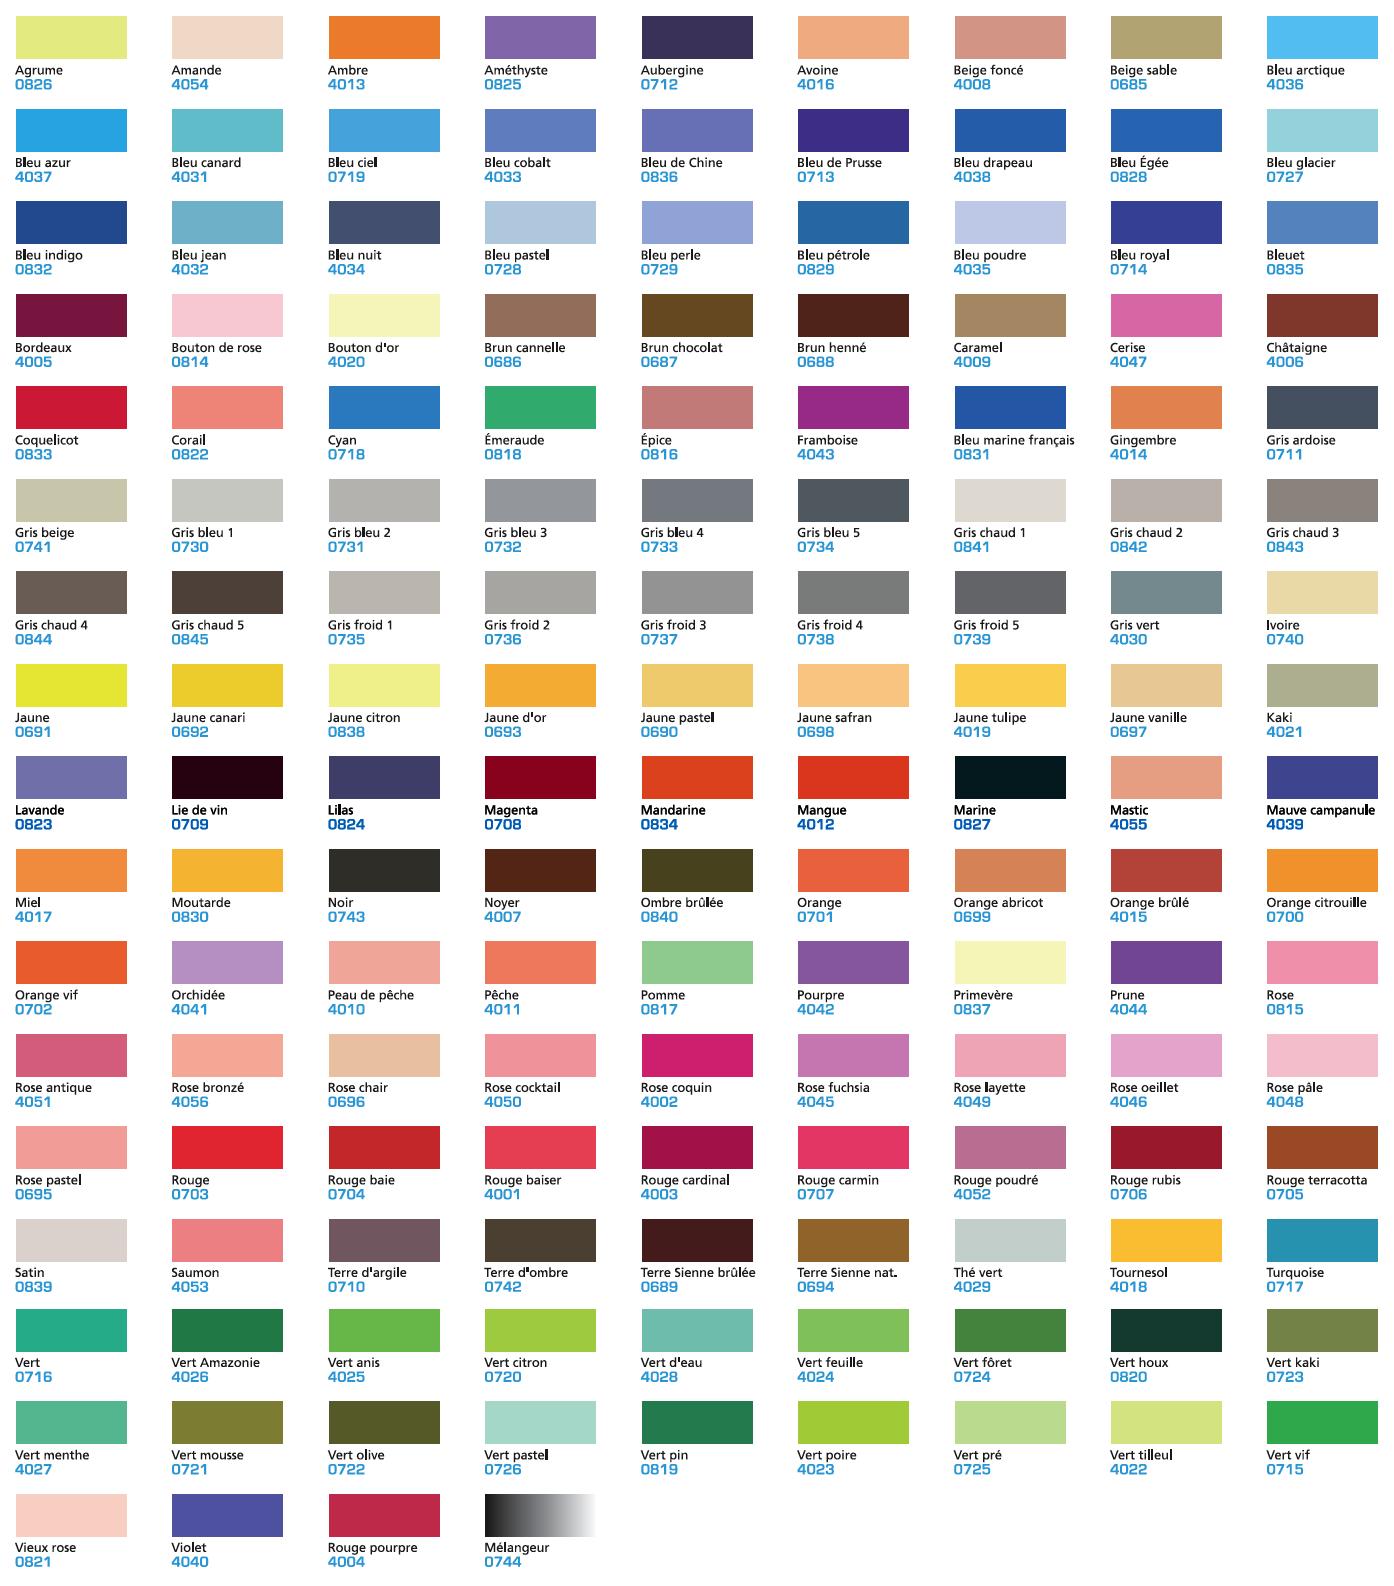 promarker couleurs en fran ais language pinterest couleur en fran ais en fran ais et couleurs. Black Bedroom Furniture Sets. Home Design Ideas